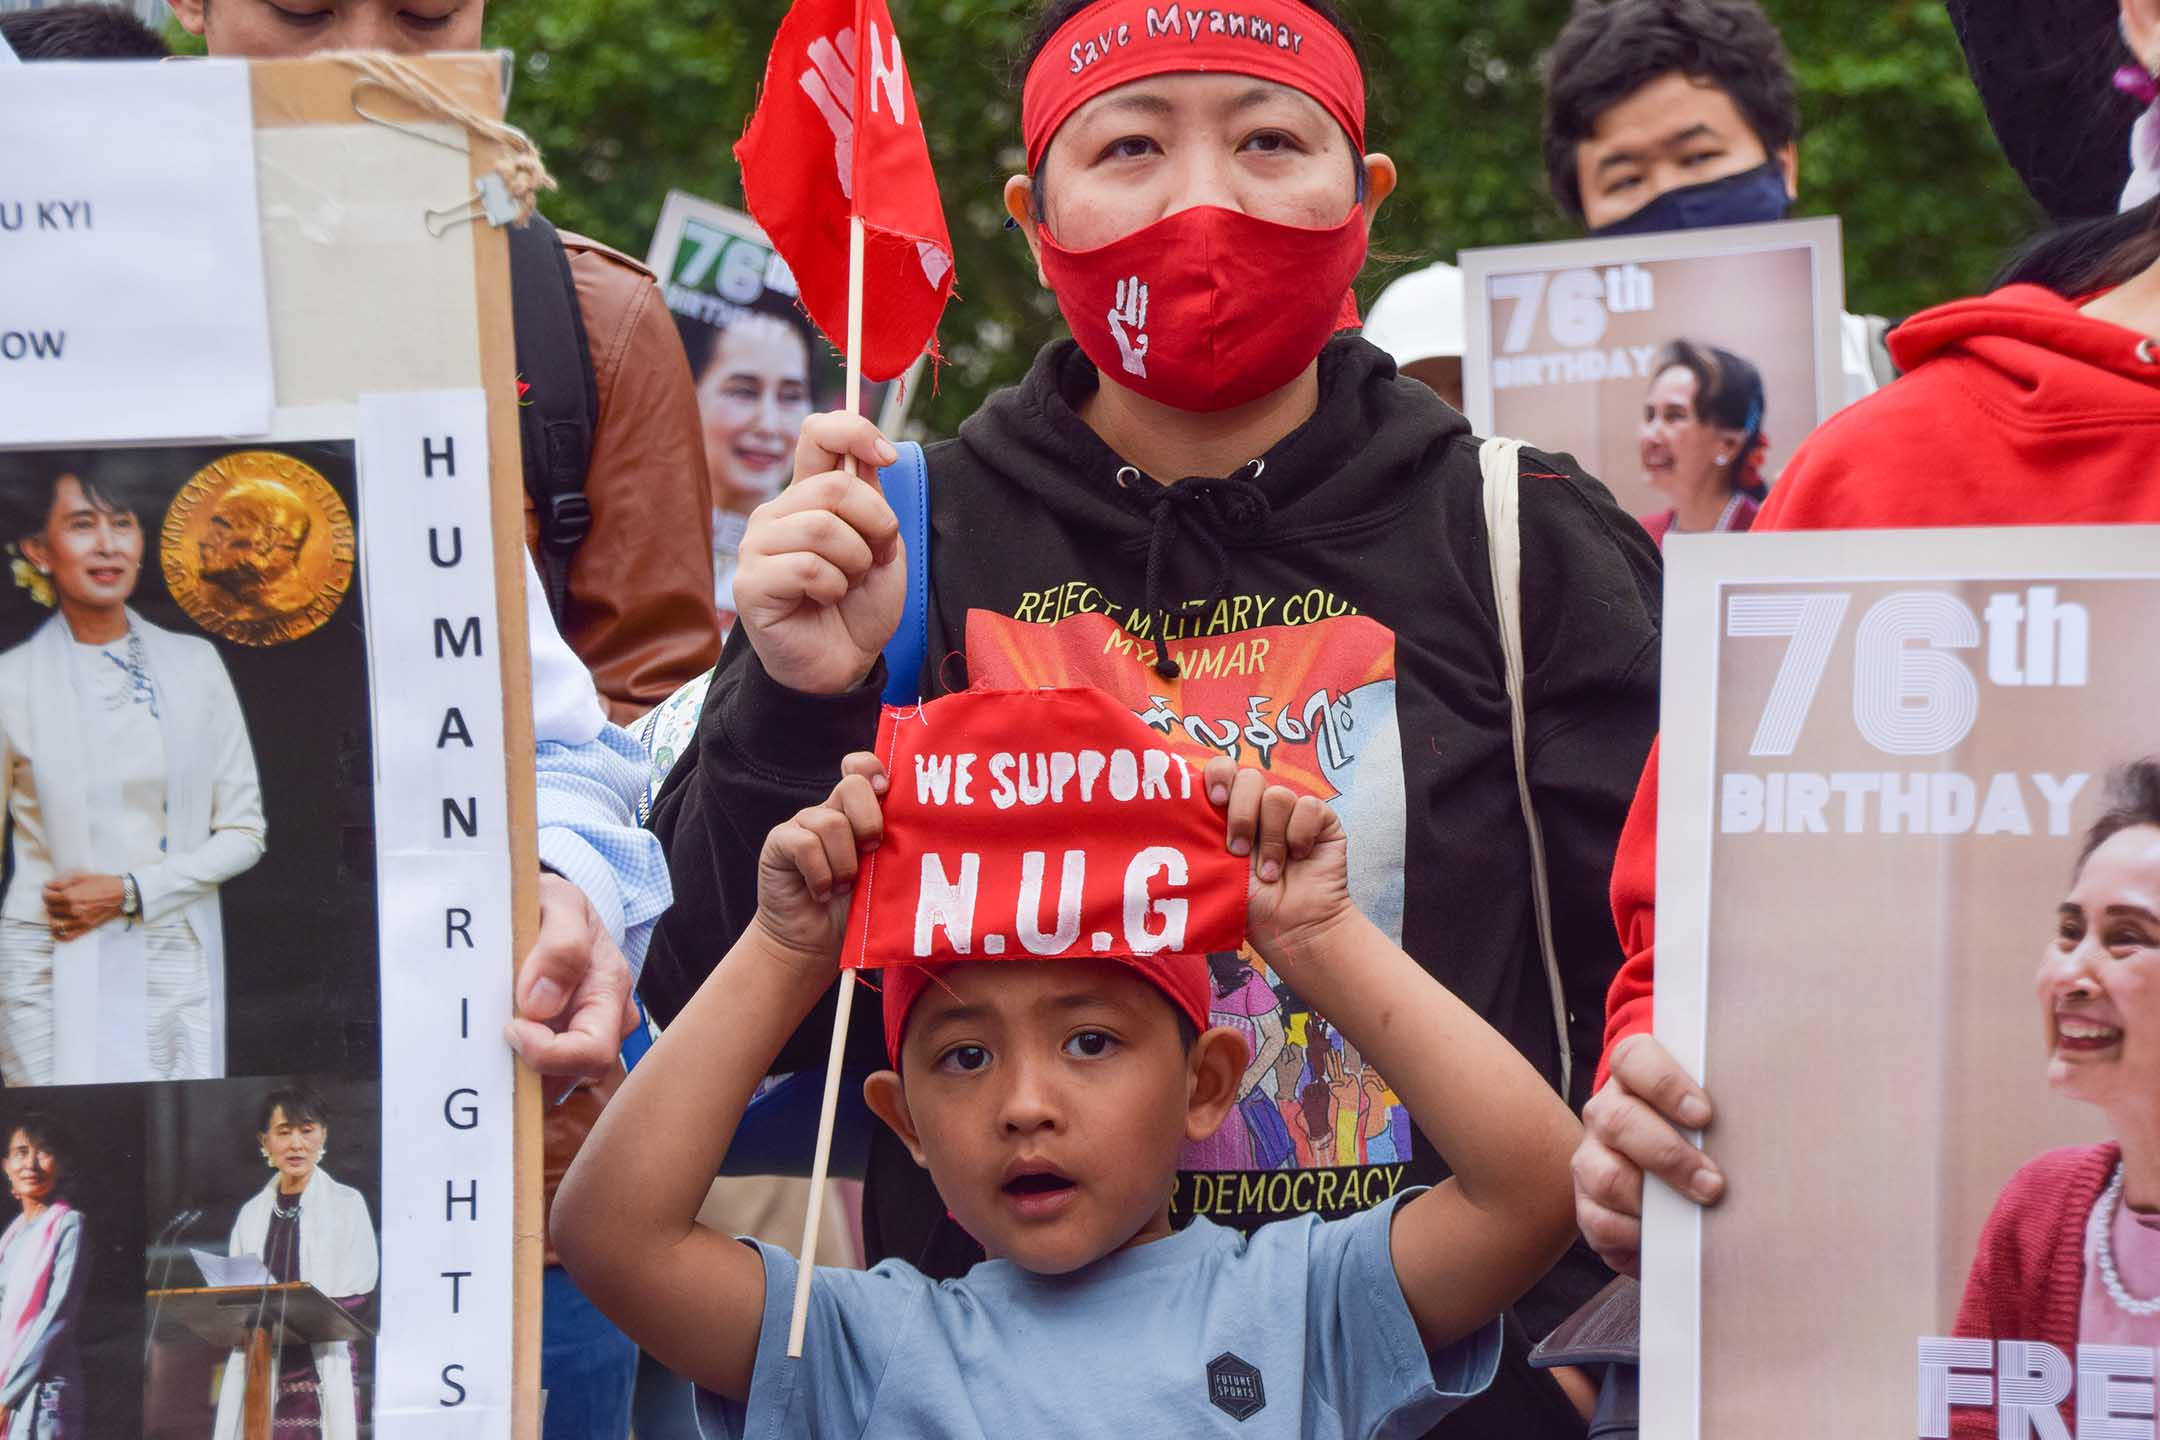 2021年6月19日英國倫敦,緬甸反政變示威期間,一個男孩在廣場舉著一面支持全國團結政府的小旗。